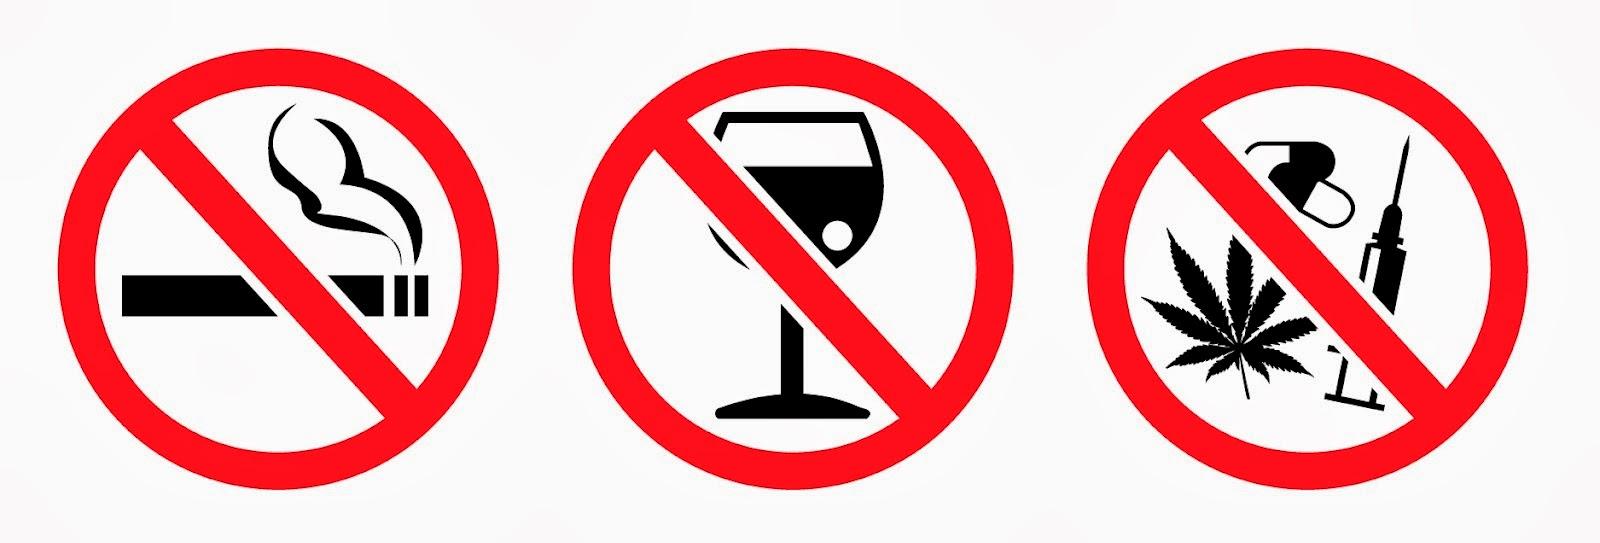 no-smoking-no-drinking-no-drugs